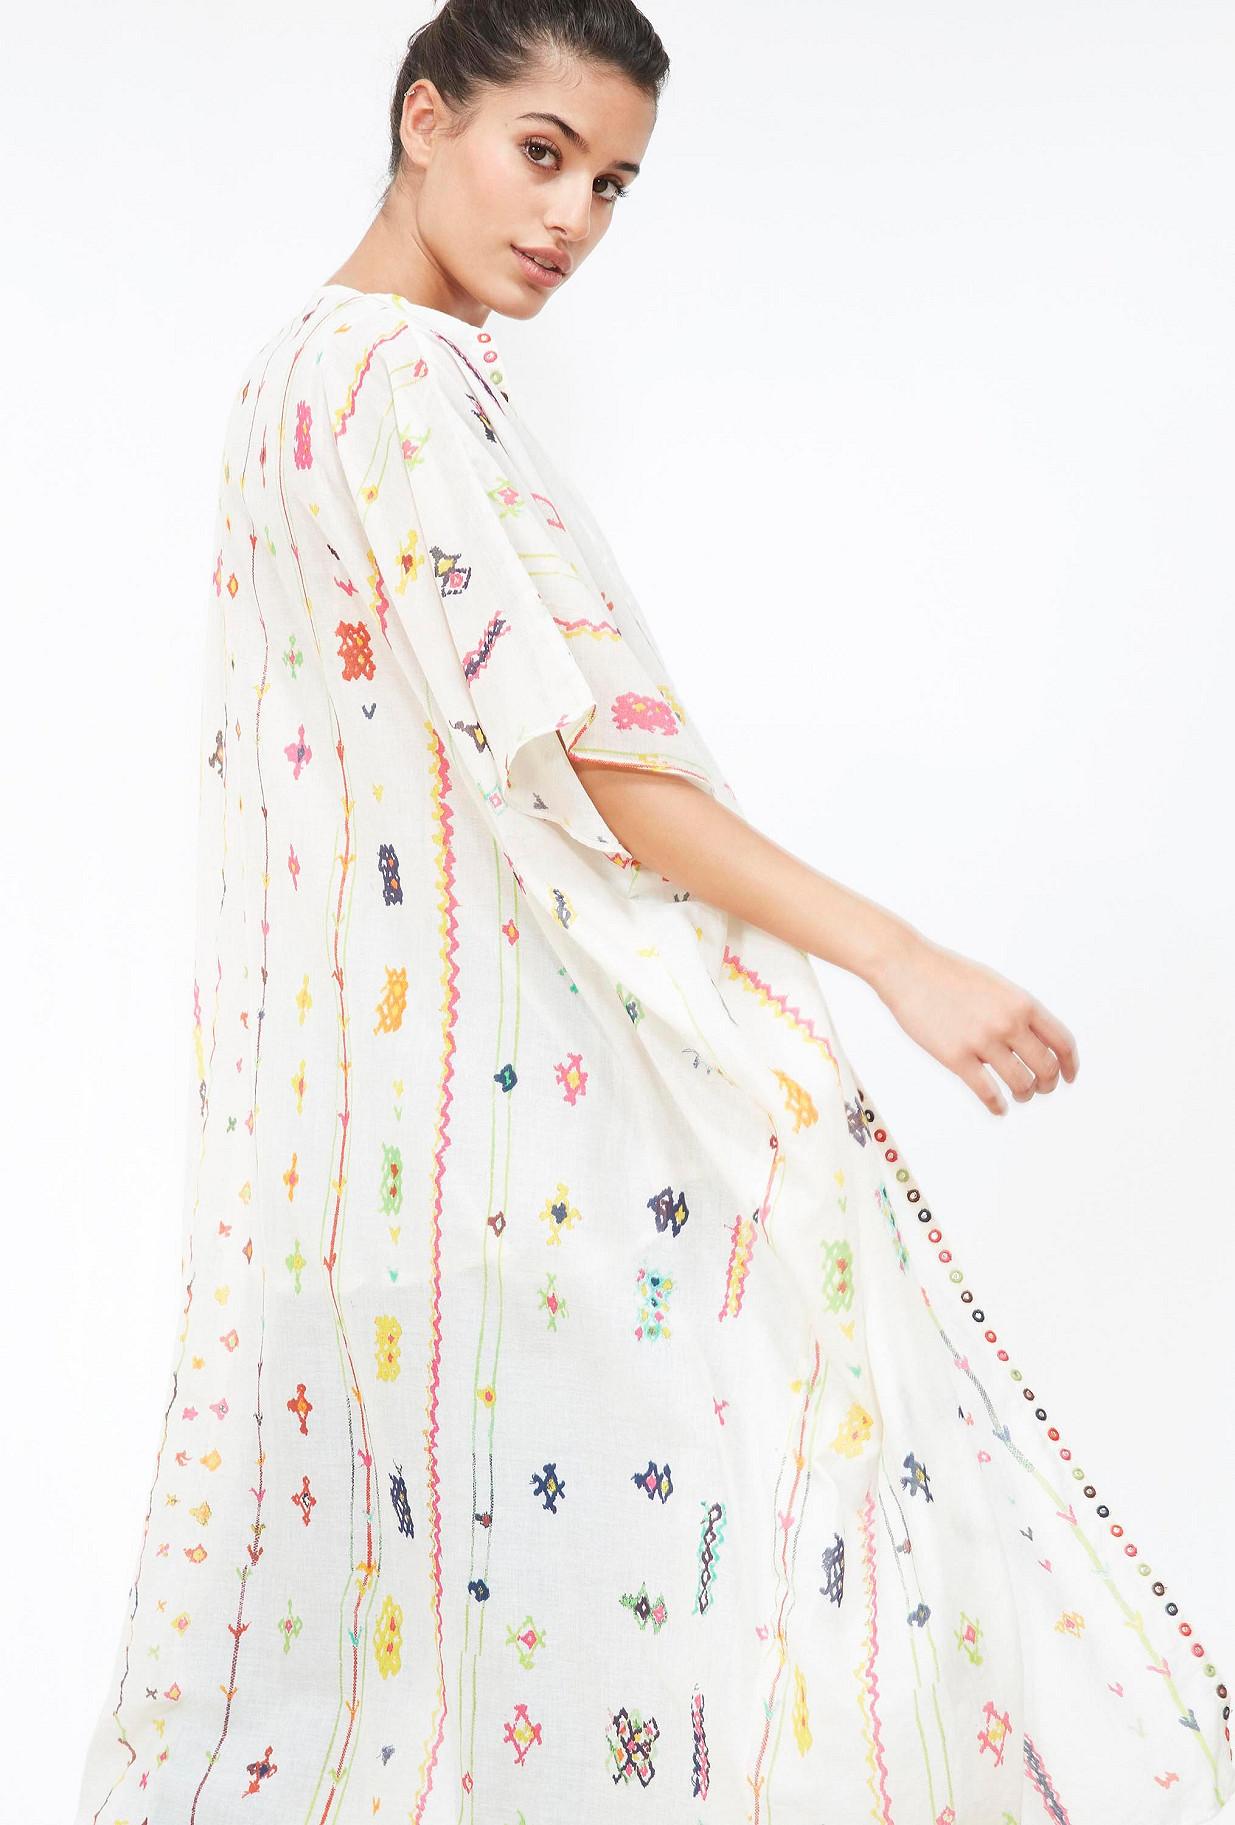 clothes store KIMONO  Sahel french designer fashion Paris